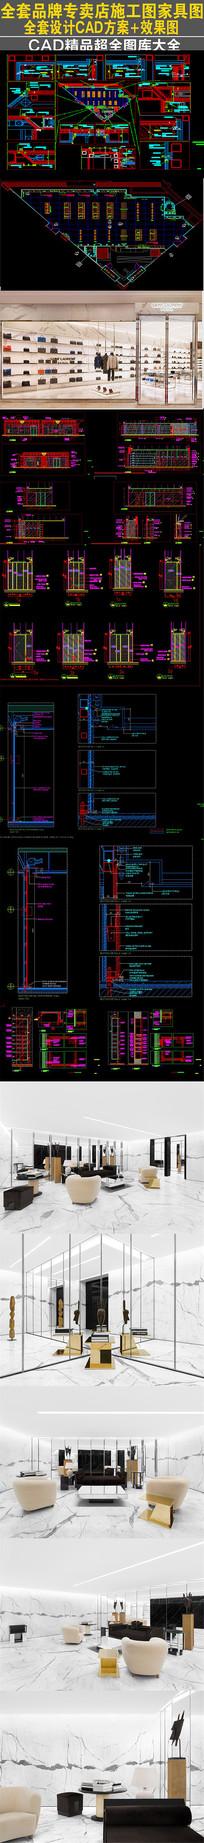 全套精品店CAD和效果图